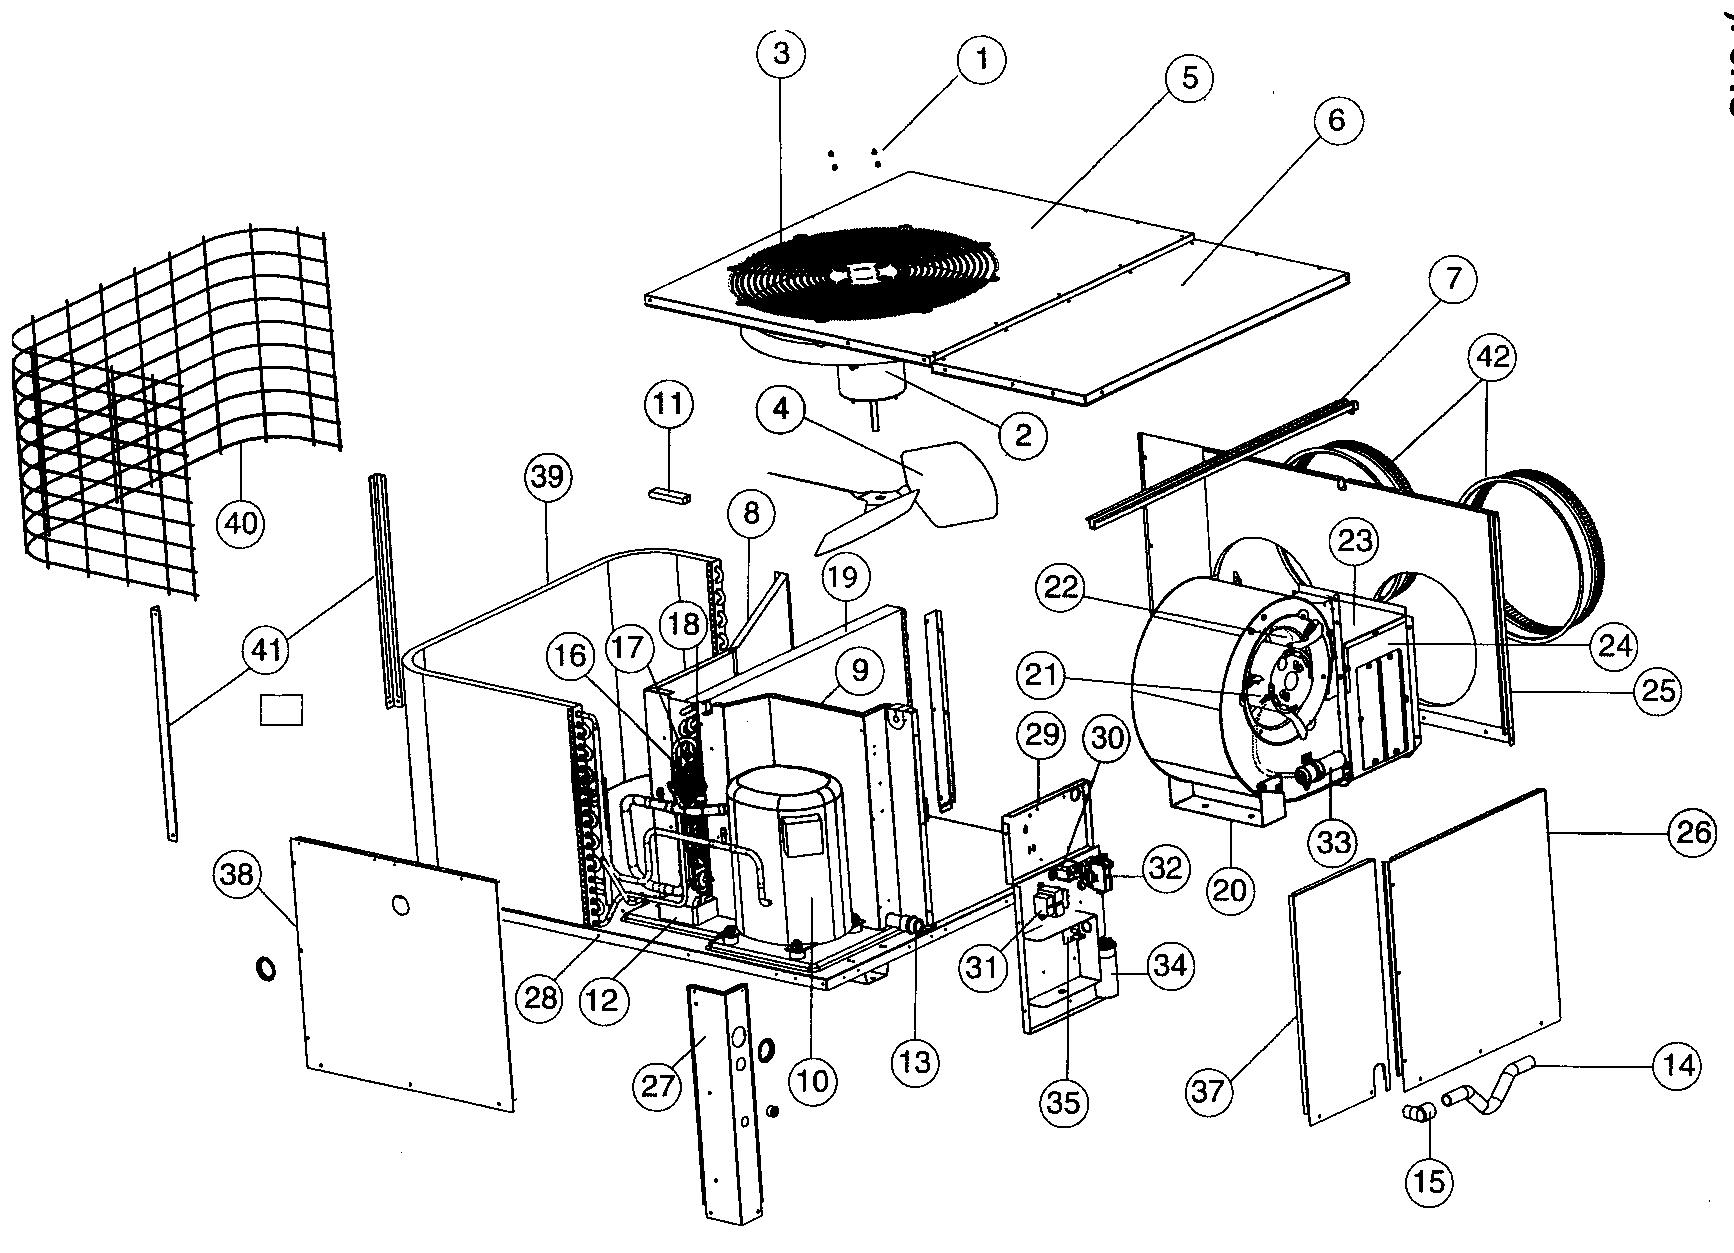 Nordyne Wiring Schematics Whirlpool Wiring Schematics